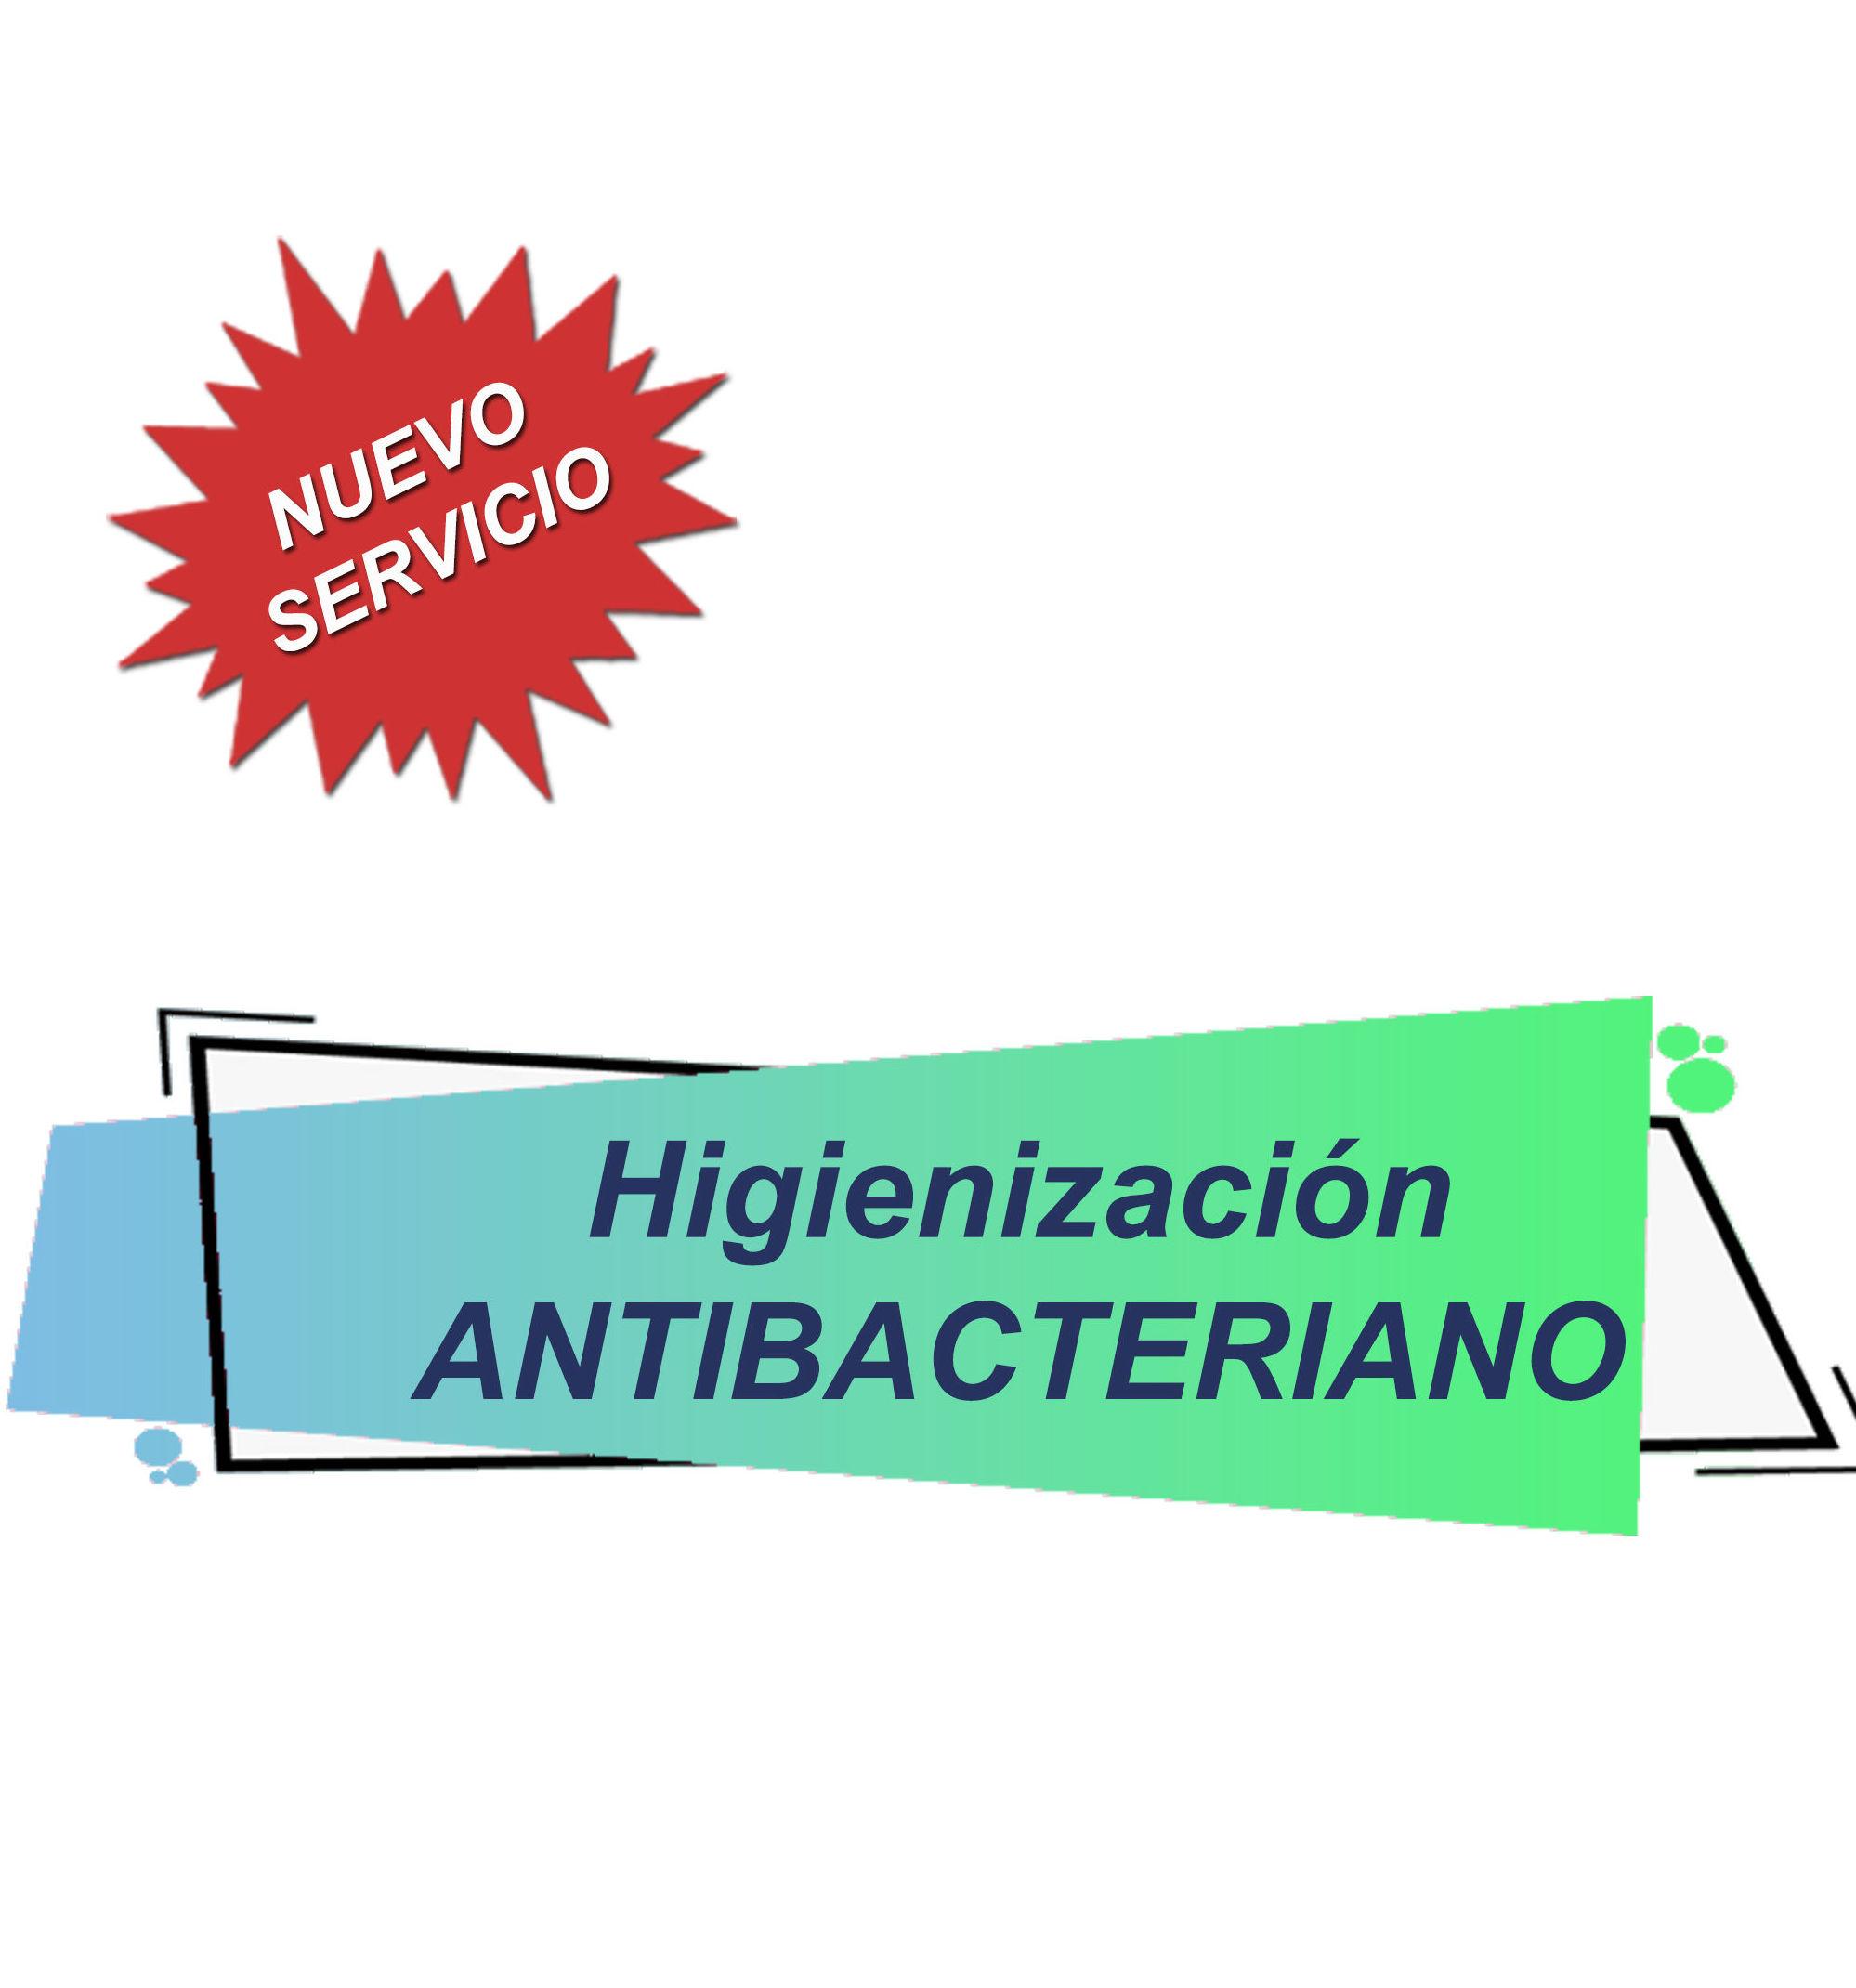 Servicio Higienización Antibacteriano: Servicios de CRG Ebusus